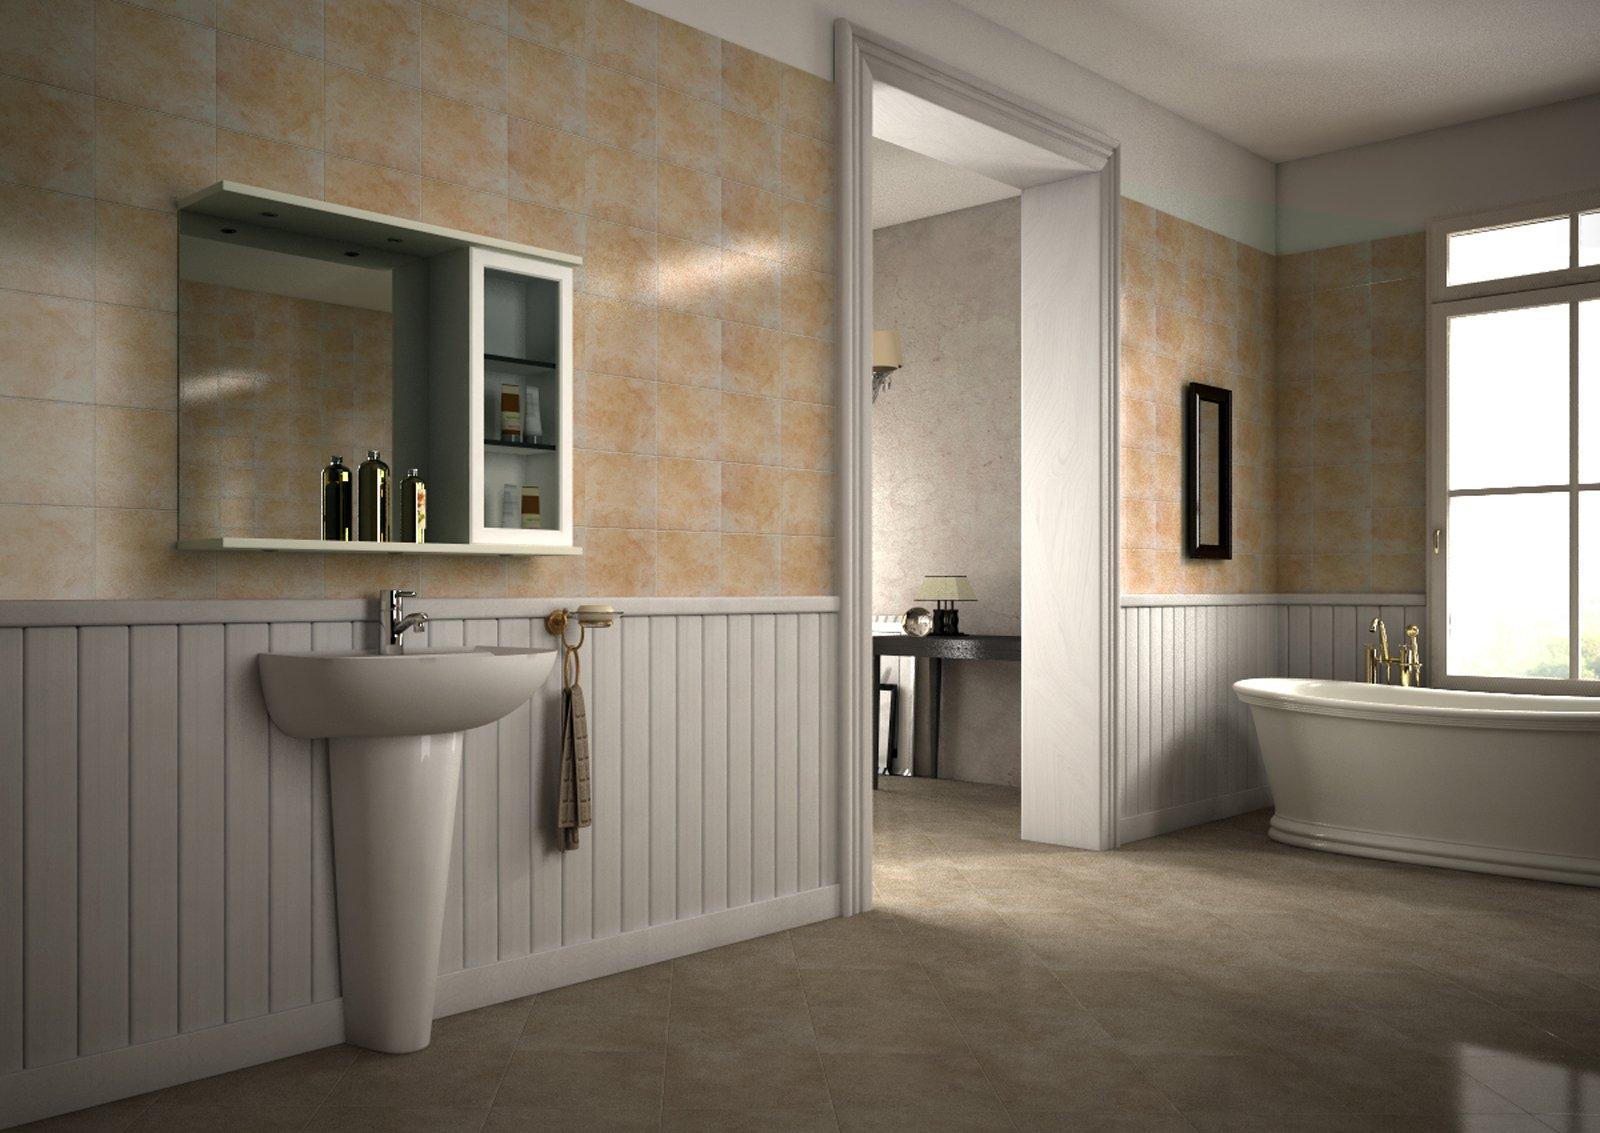 Rinnovare il bagno senza togliere le piastrelle risparmiando anche tempo cose di casa - Pareti bagno senza piastrelle ...